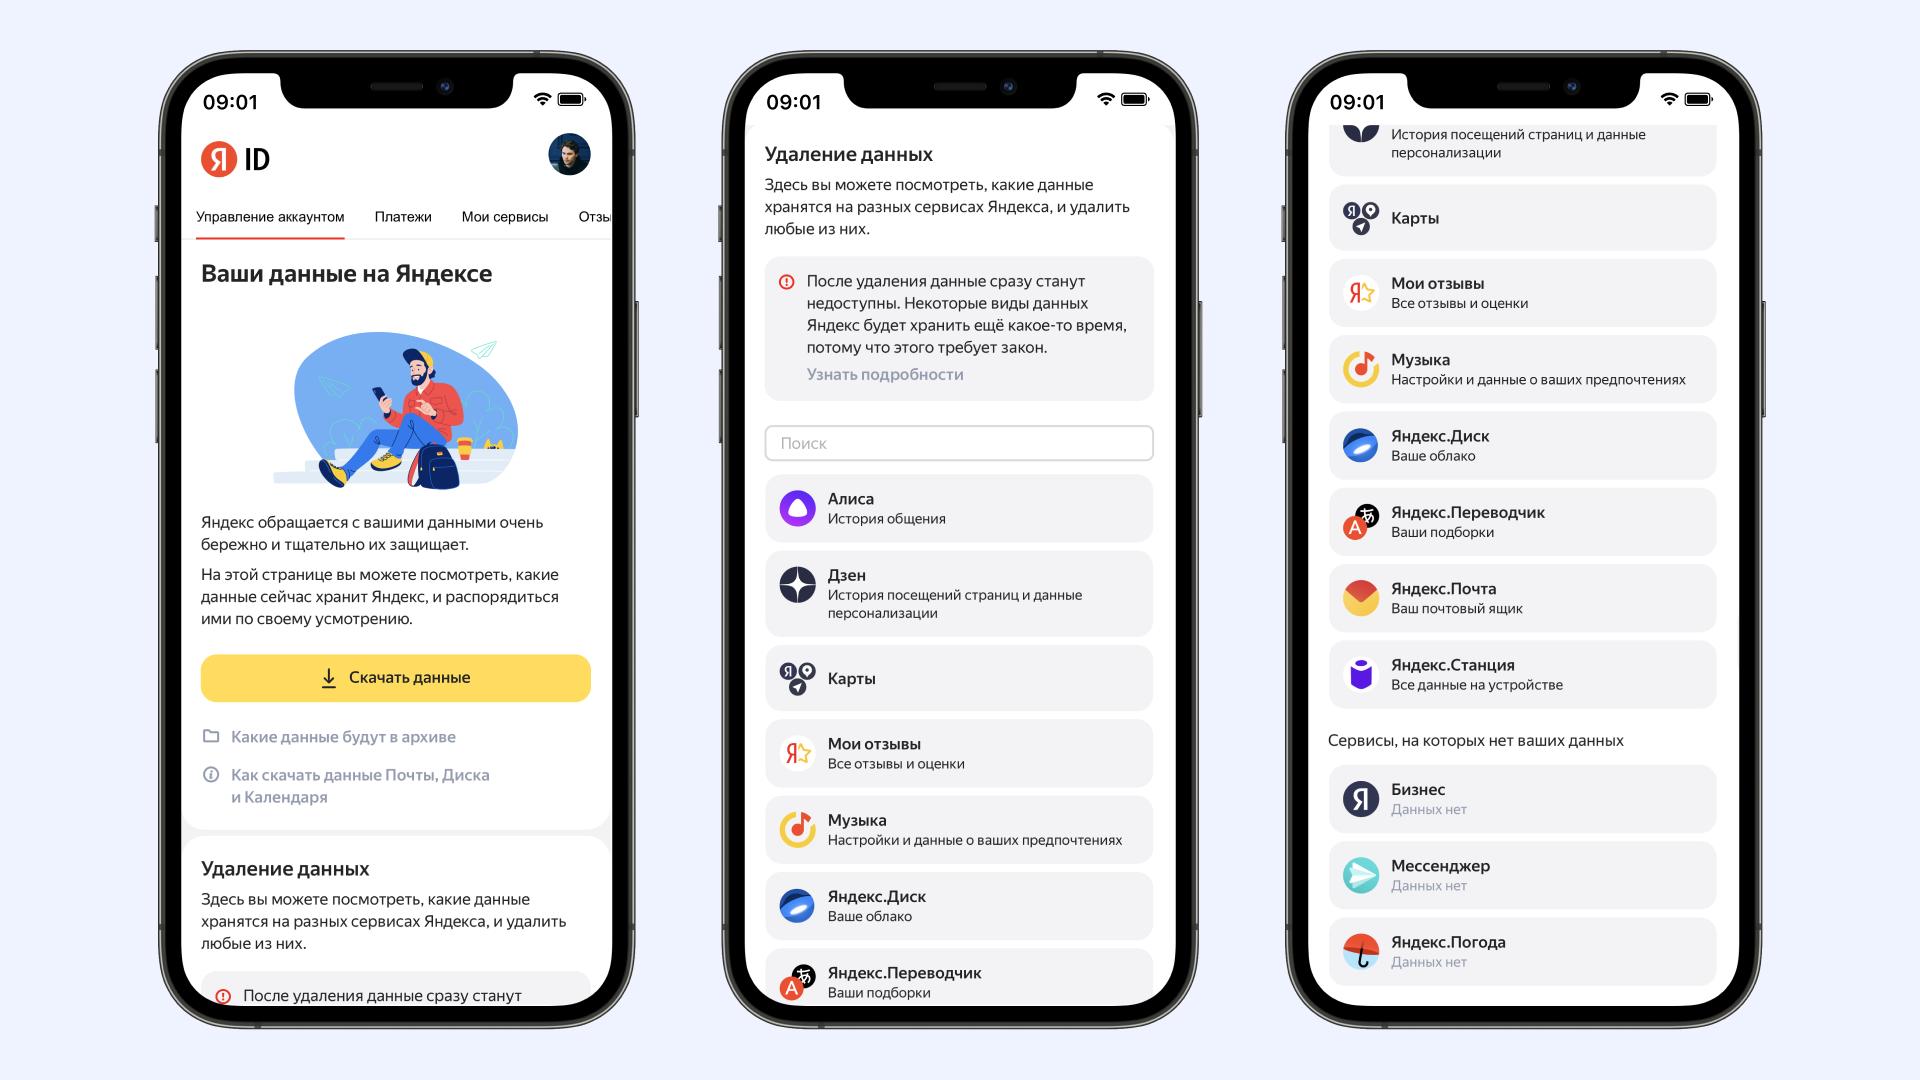 Пользователи «Яндекса» теперь могут управлять своими данными